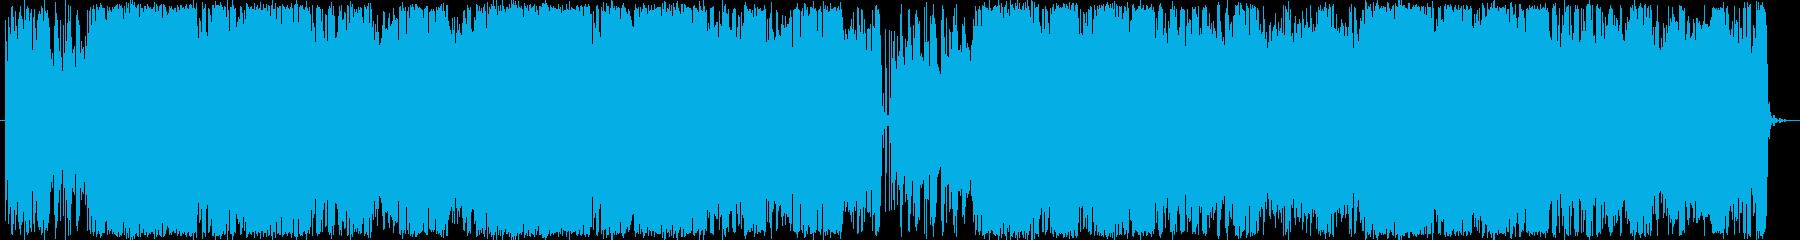 未来的な電子Pops曲の再生済みの波形